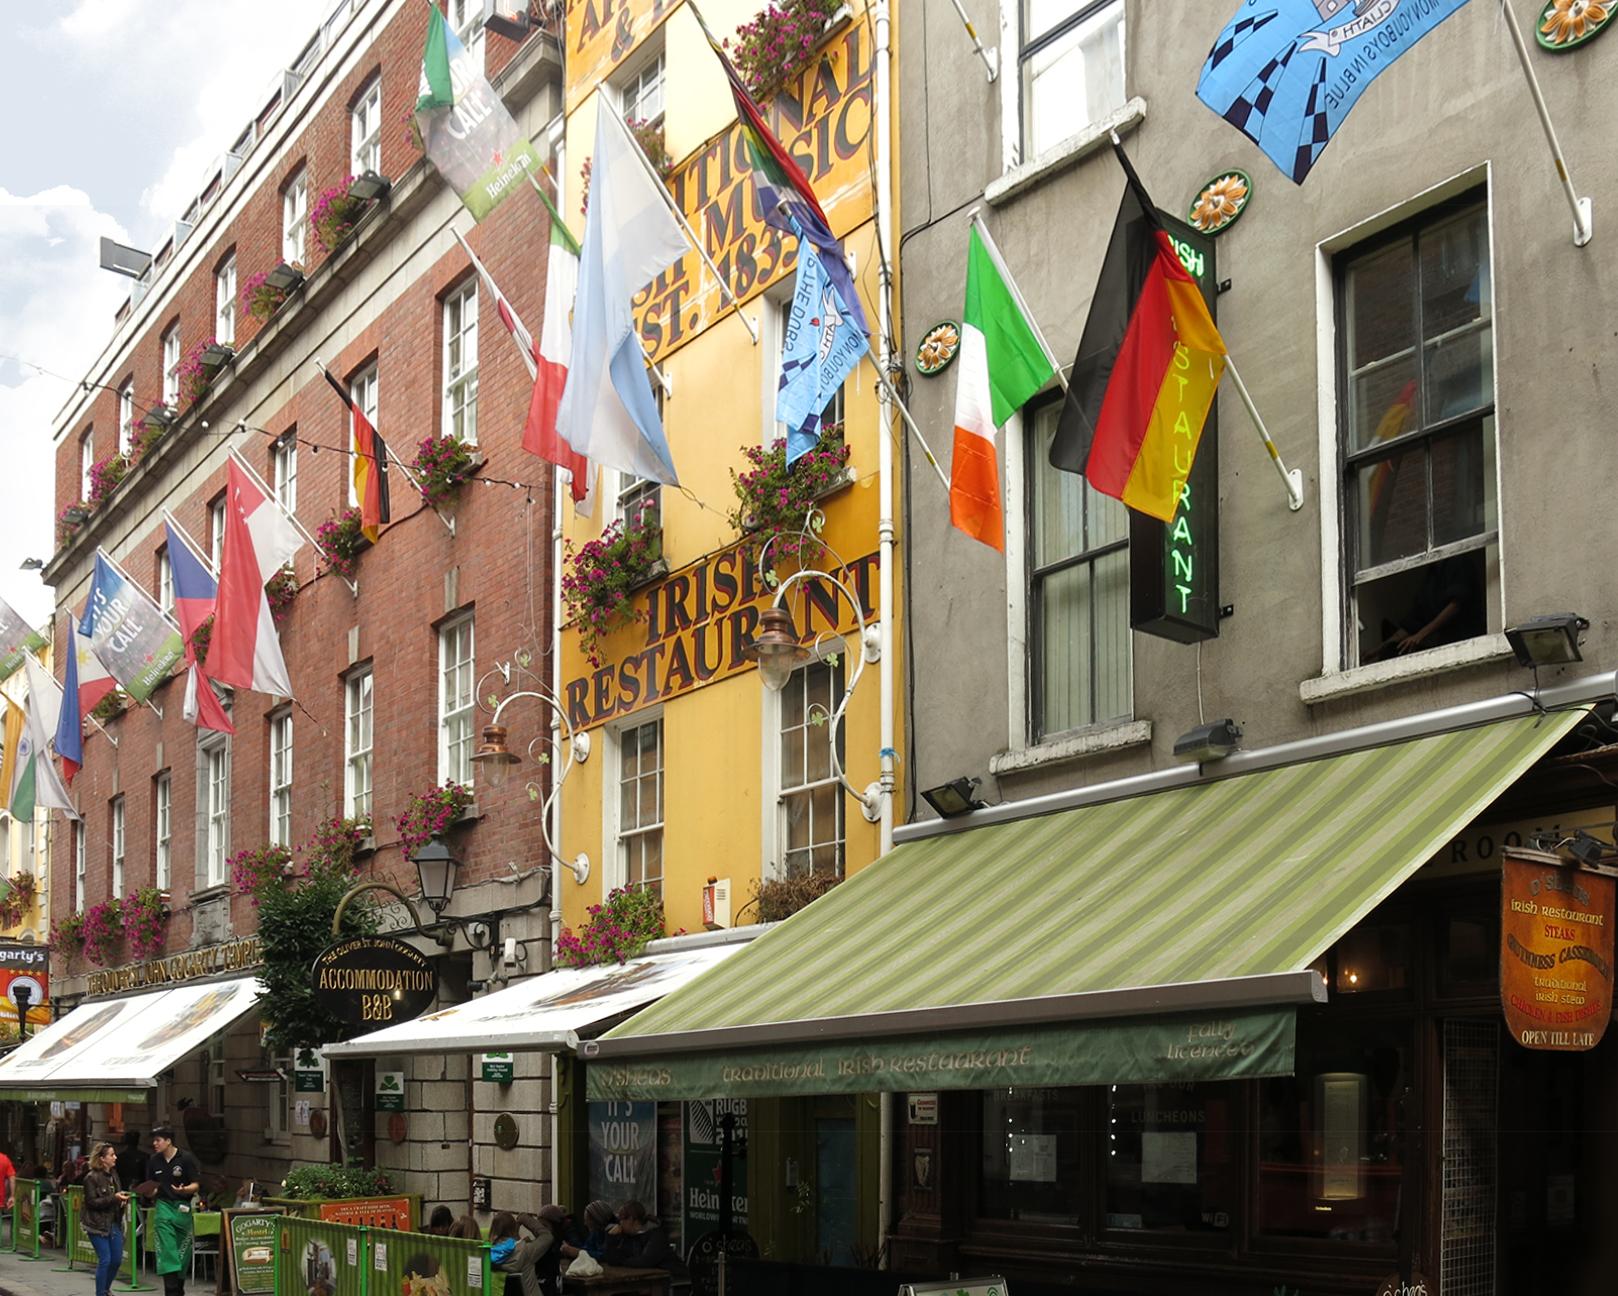 Irish Beef schickt glücklichen Gewinner auf die grüne Insel.